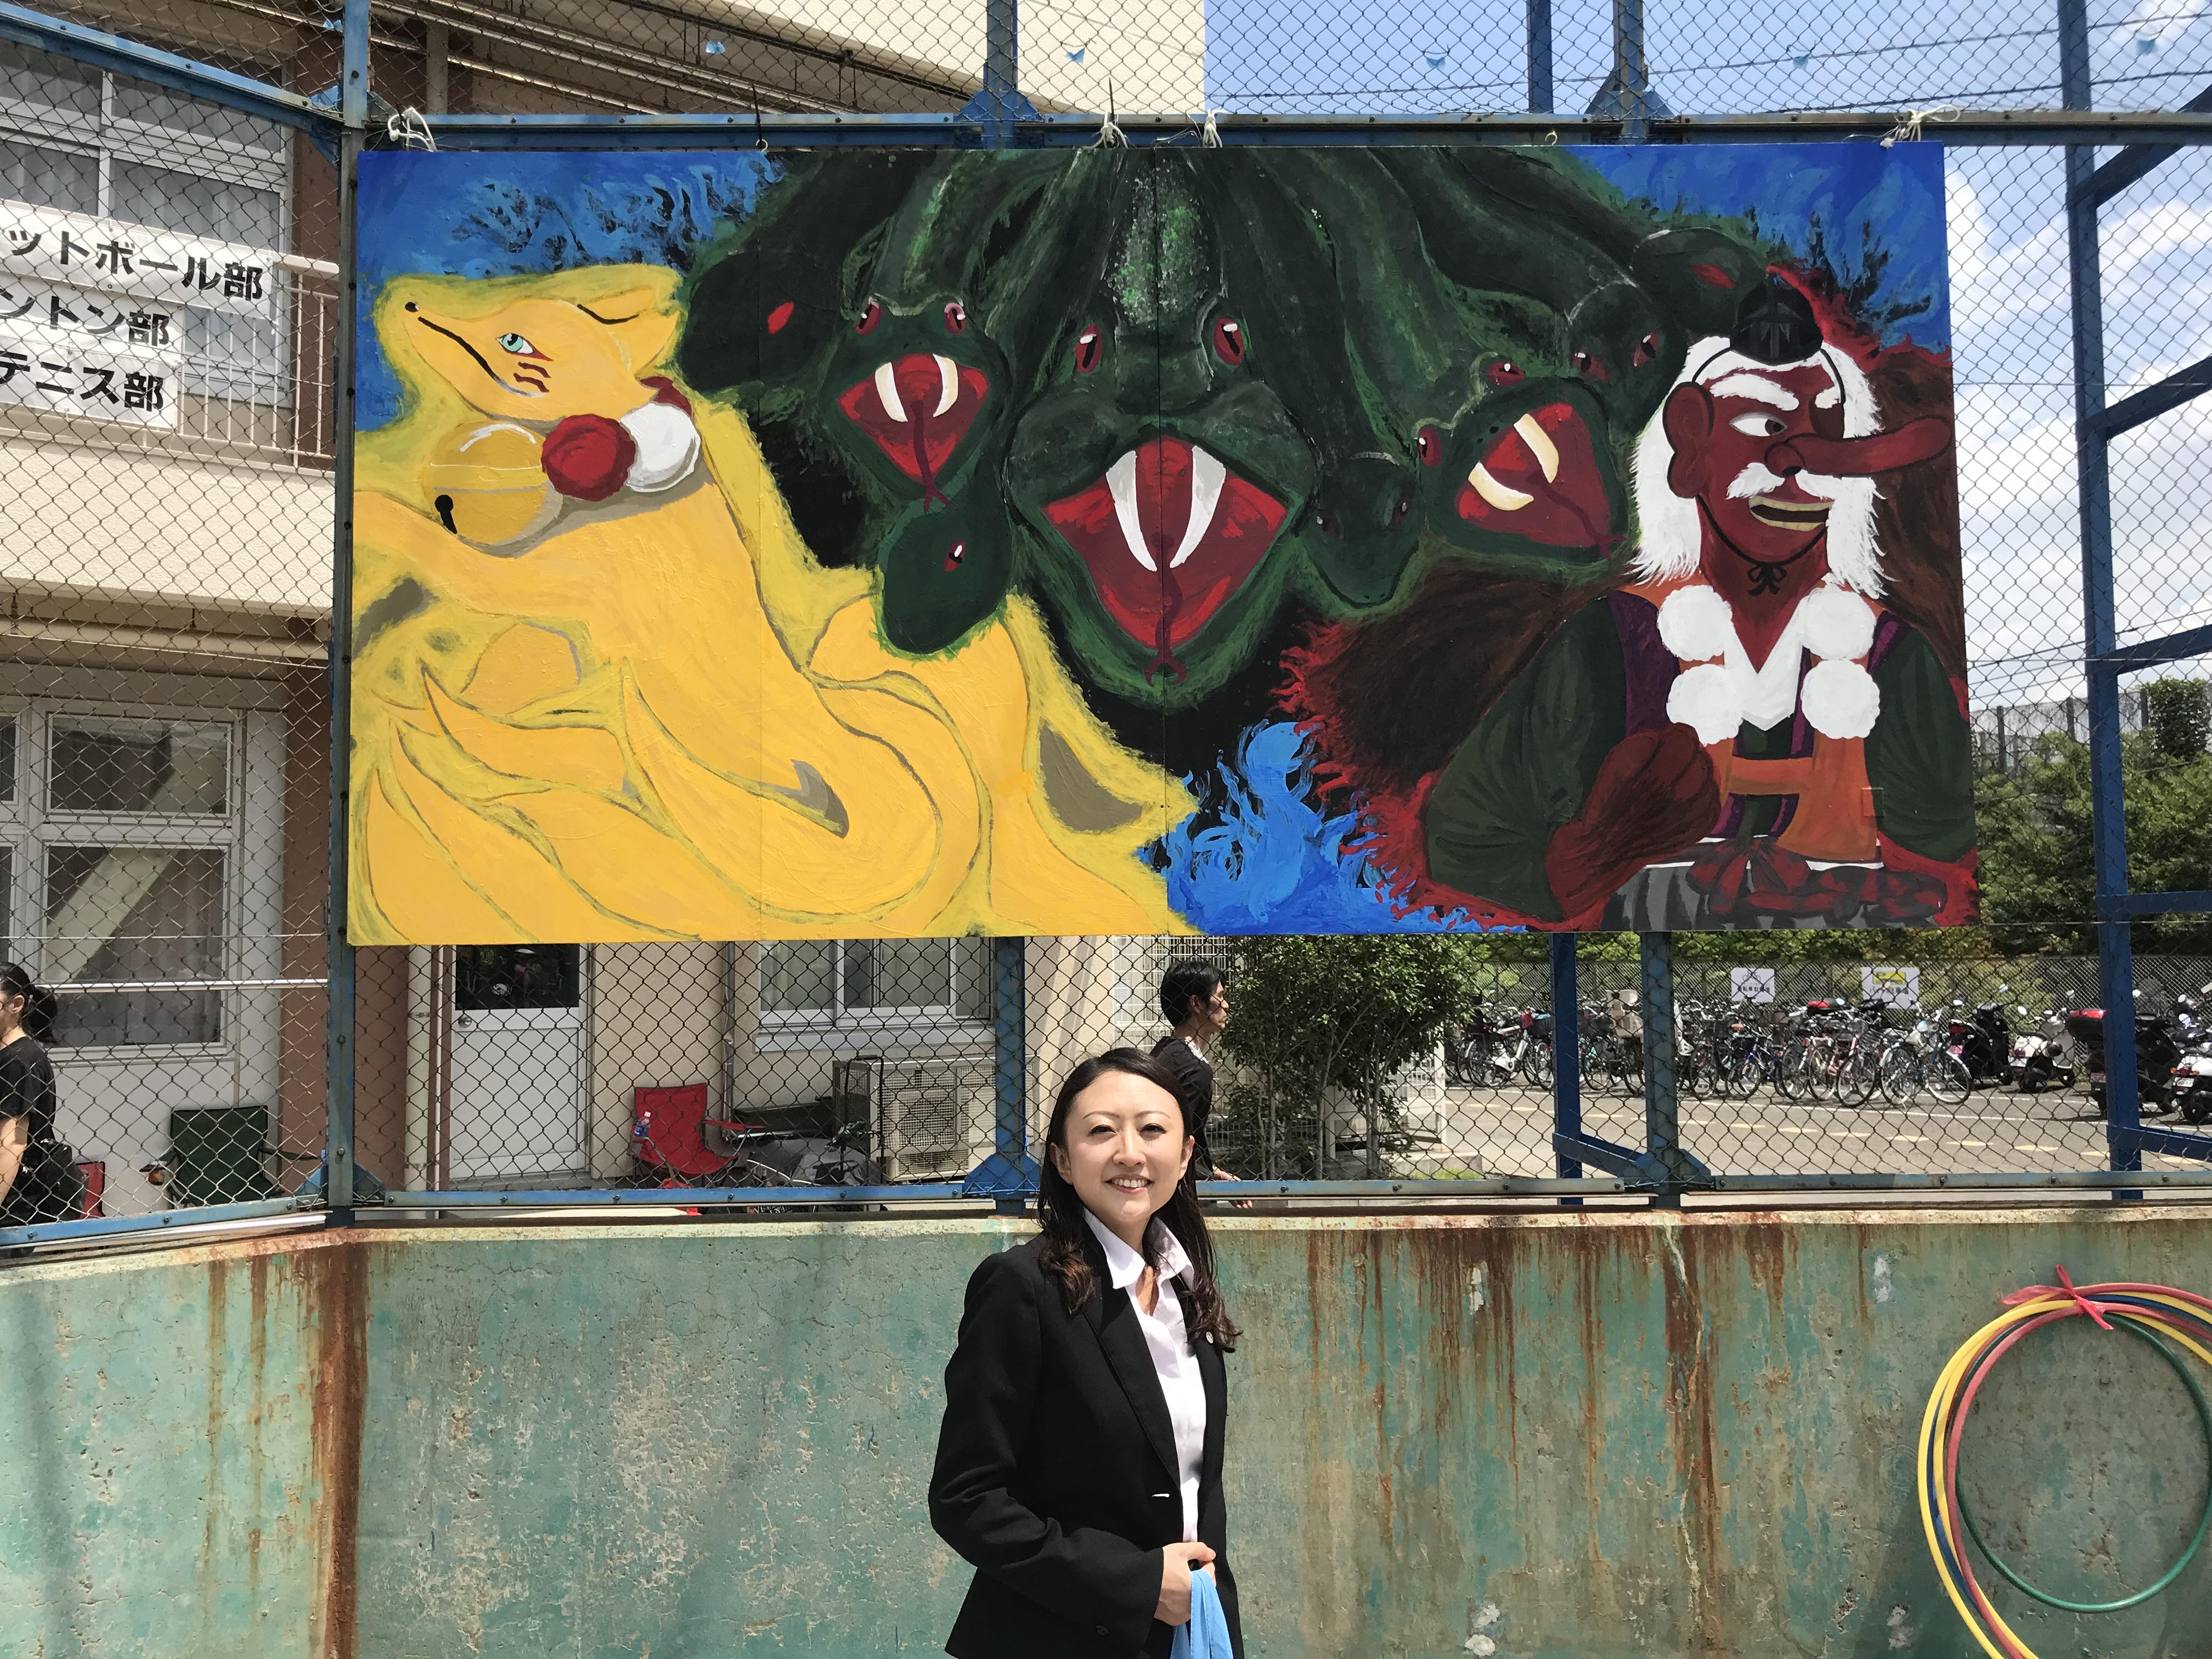 山崎中学校、木曽中学校体育祭&ウィズ町田(赤い屋根)さんのお祭り